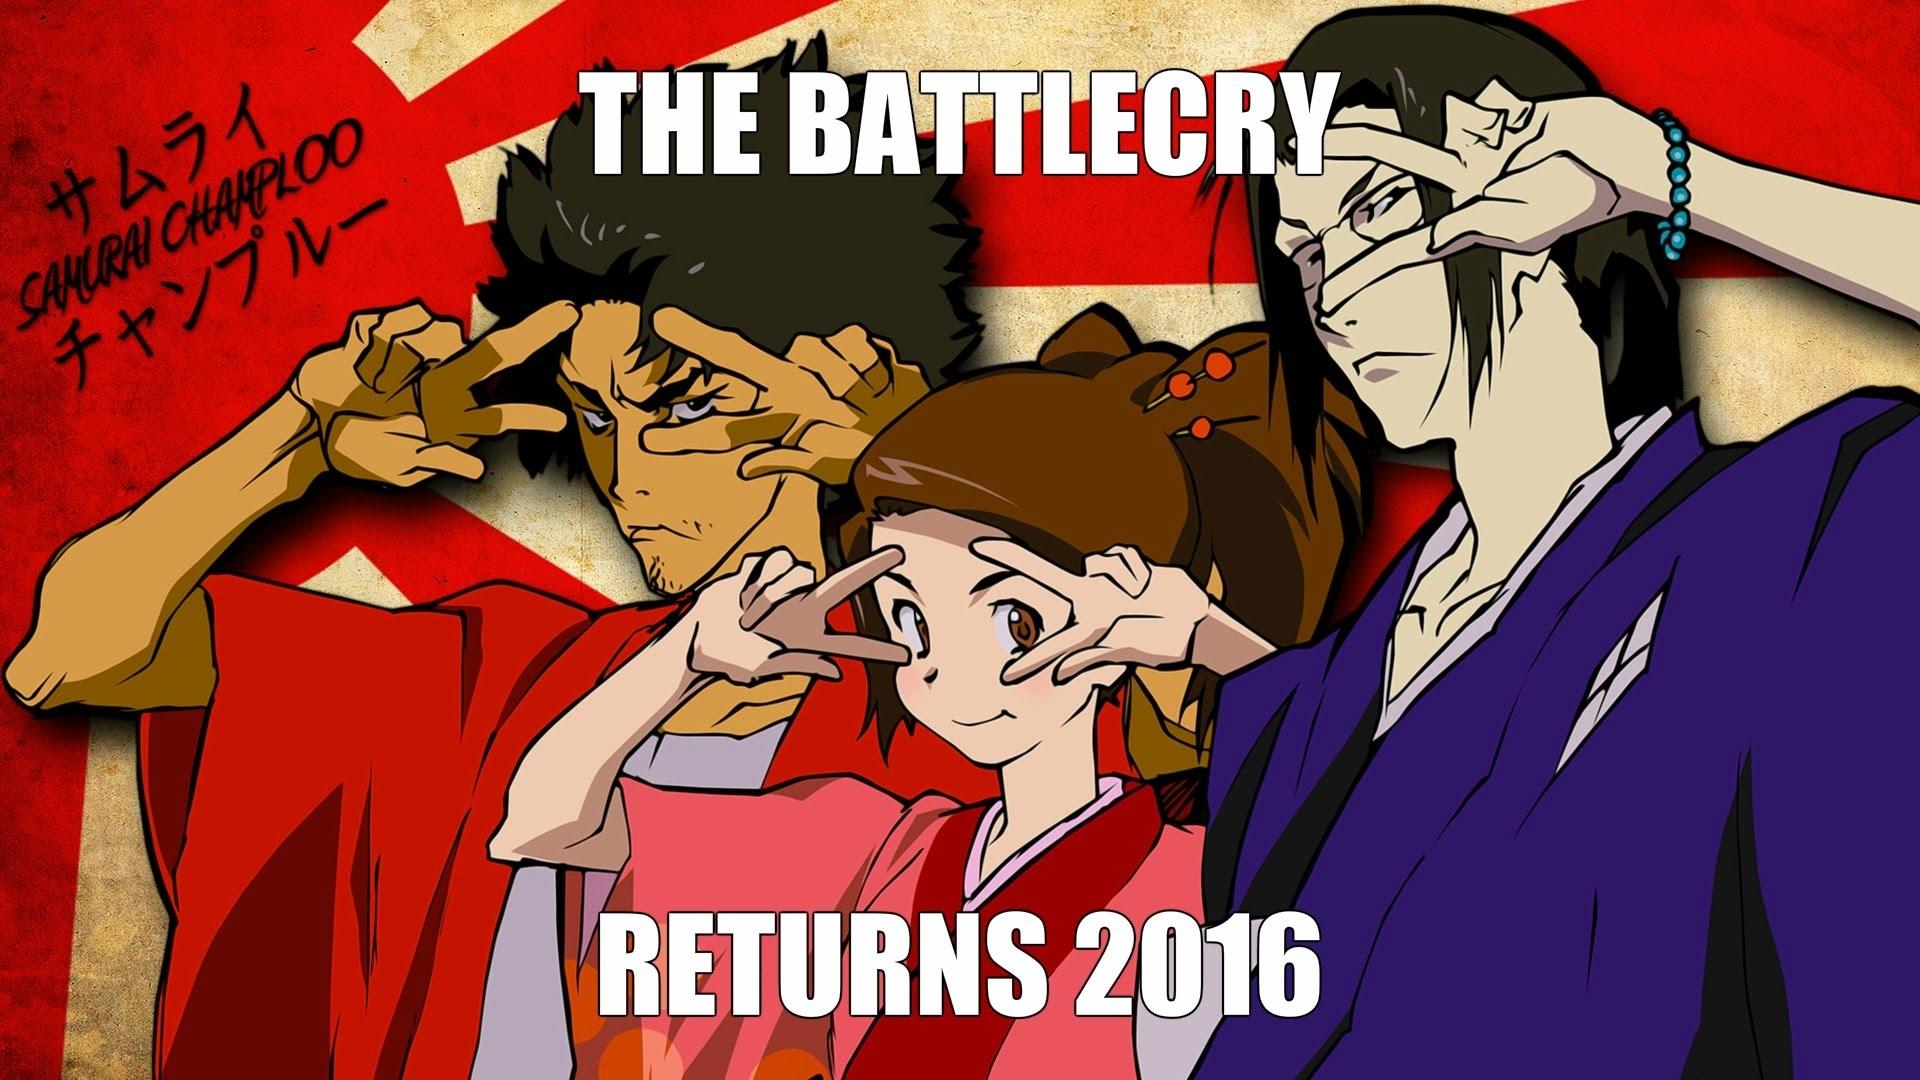 samurai champloo returns to tv toonami baby 2016 - youtube